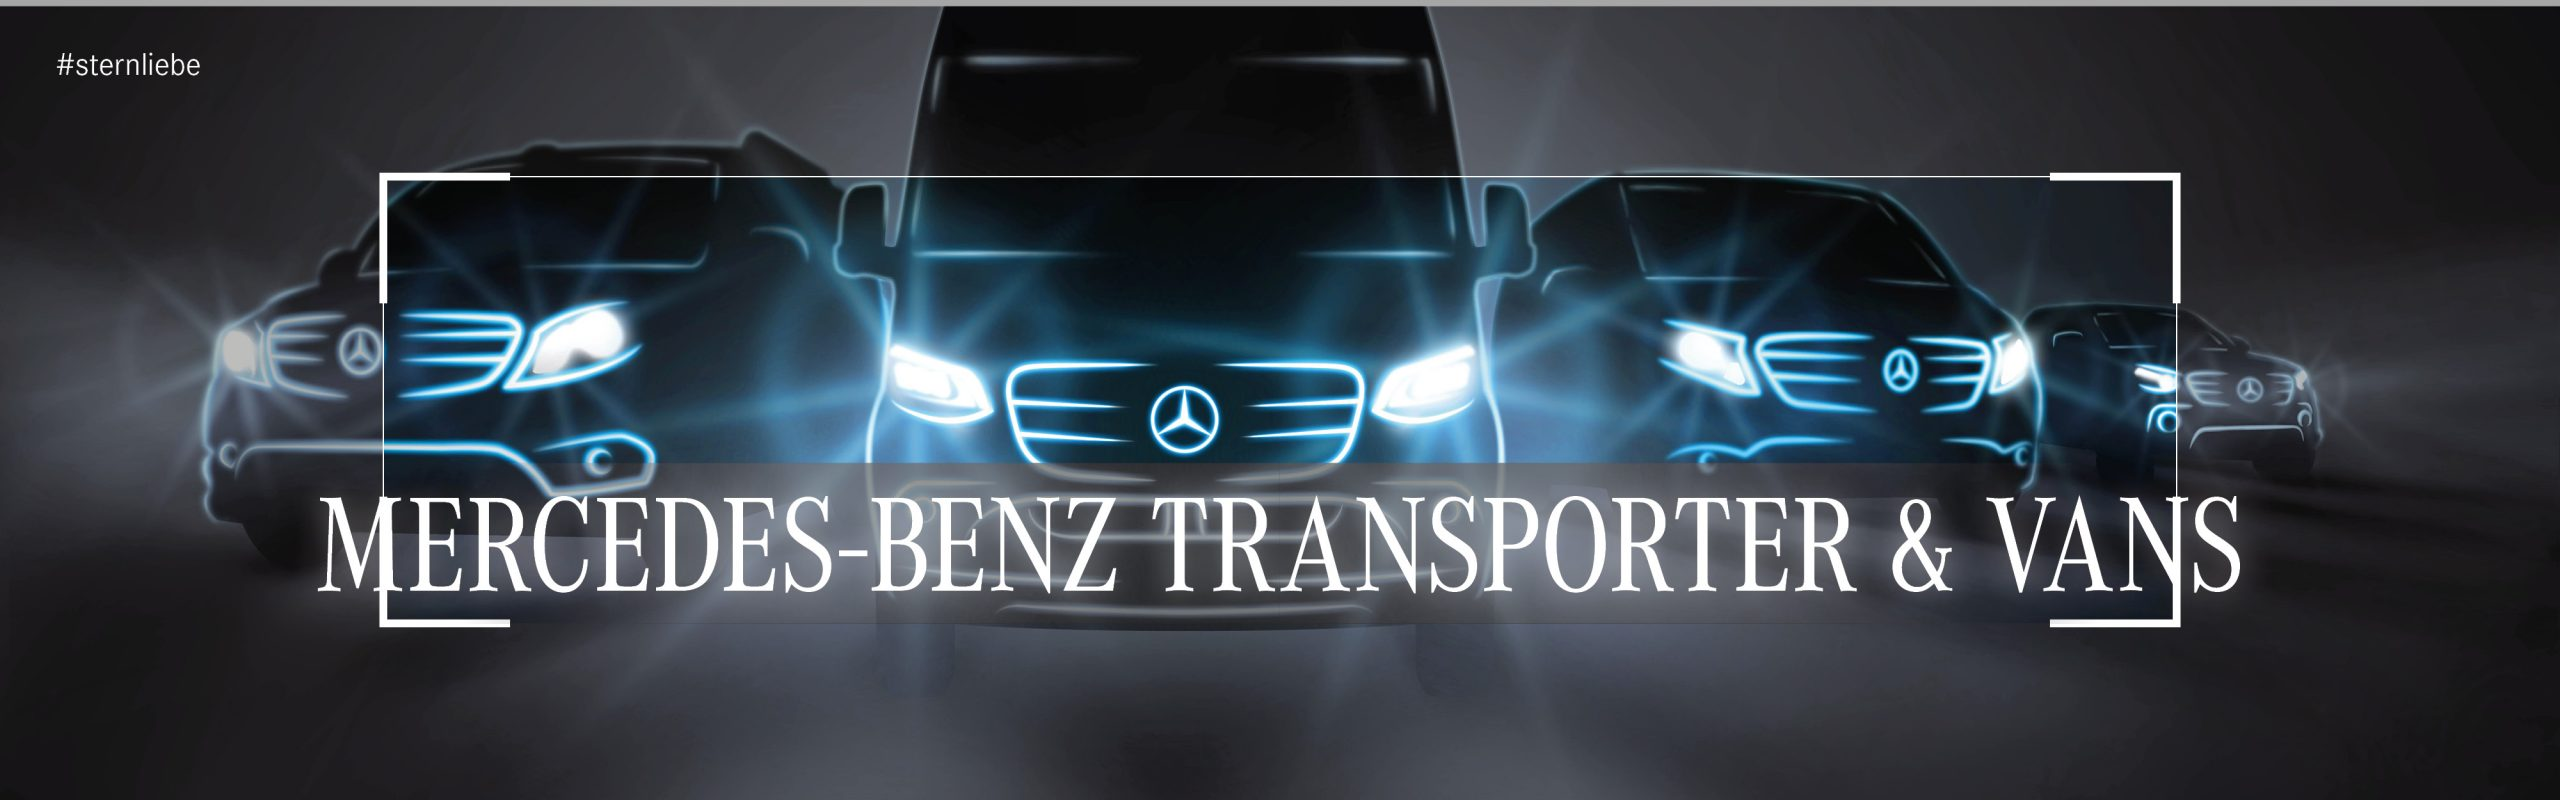 Banner-Mercedes-Benz-TransporterundVans_kaufen bei mercedes benz